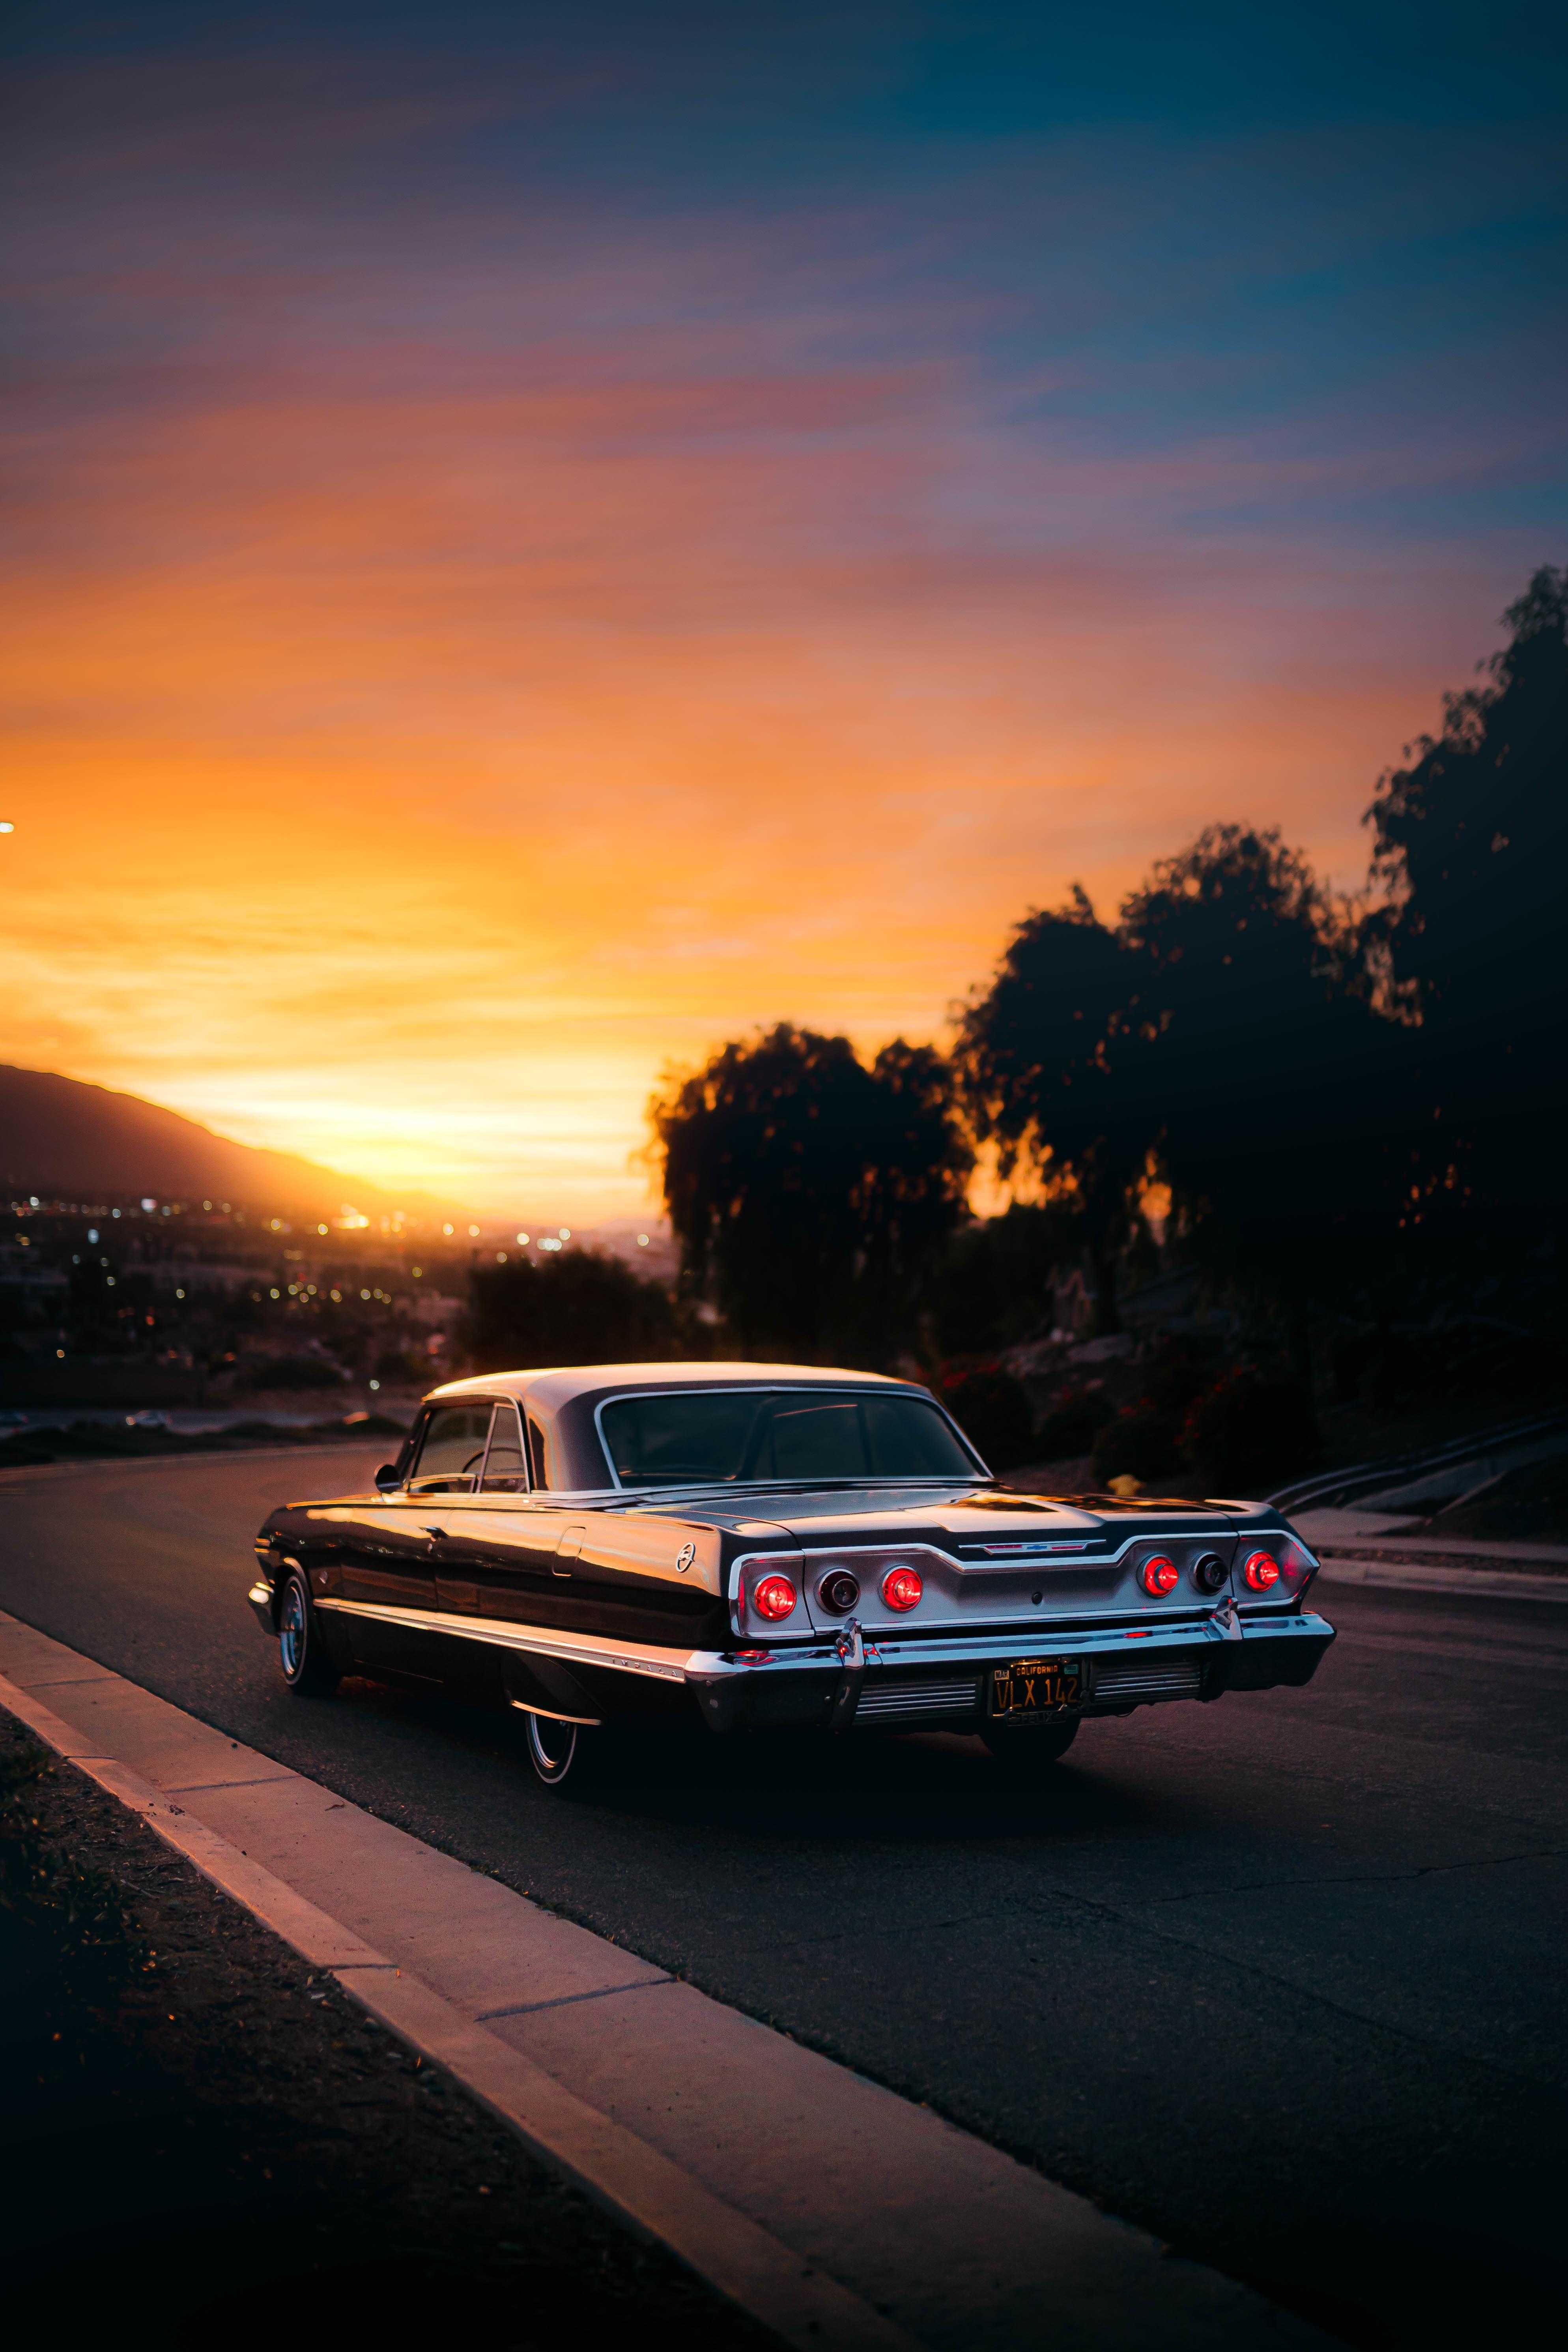 86398 Hintergrundbild herunterladen Auto, Sunset, Cars, Straße, Wagen, Das Schwarze, Alt, Retro - Bildschirmschoner und Bilder kostenlos